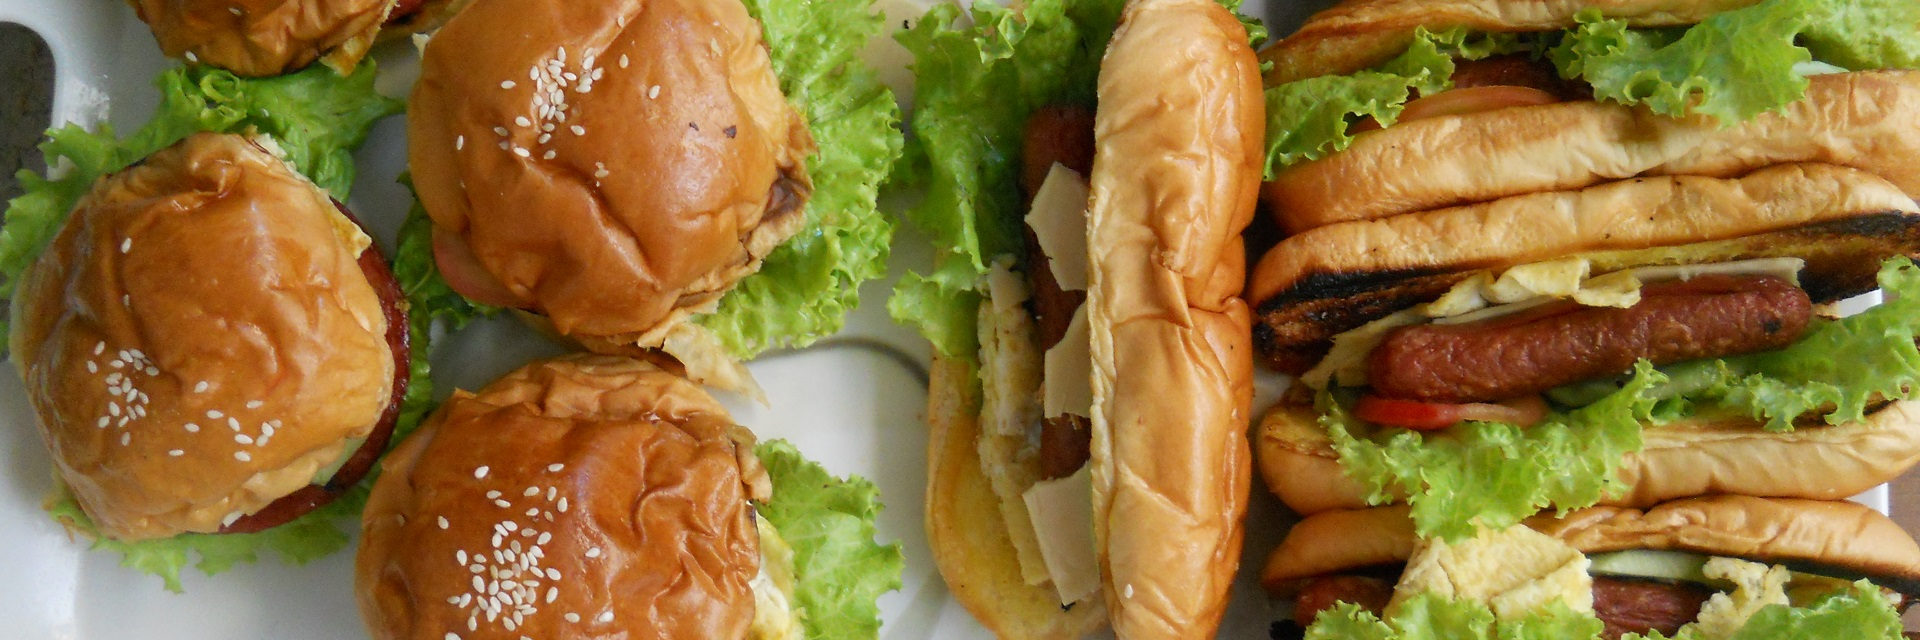 Burger Malang, Malang, Kota Malang, Dolan Dolen, Dolaners Burger Malang - Dolan Dolen